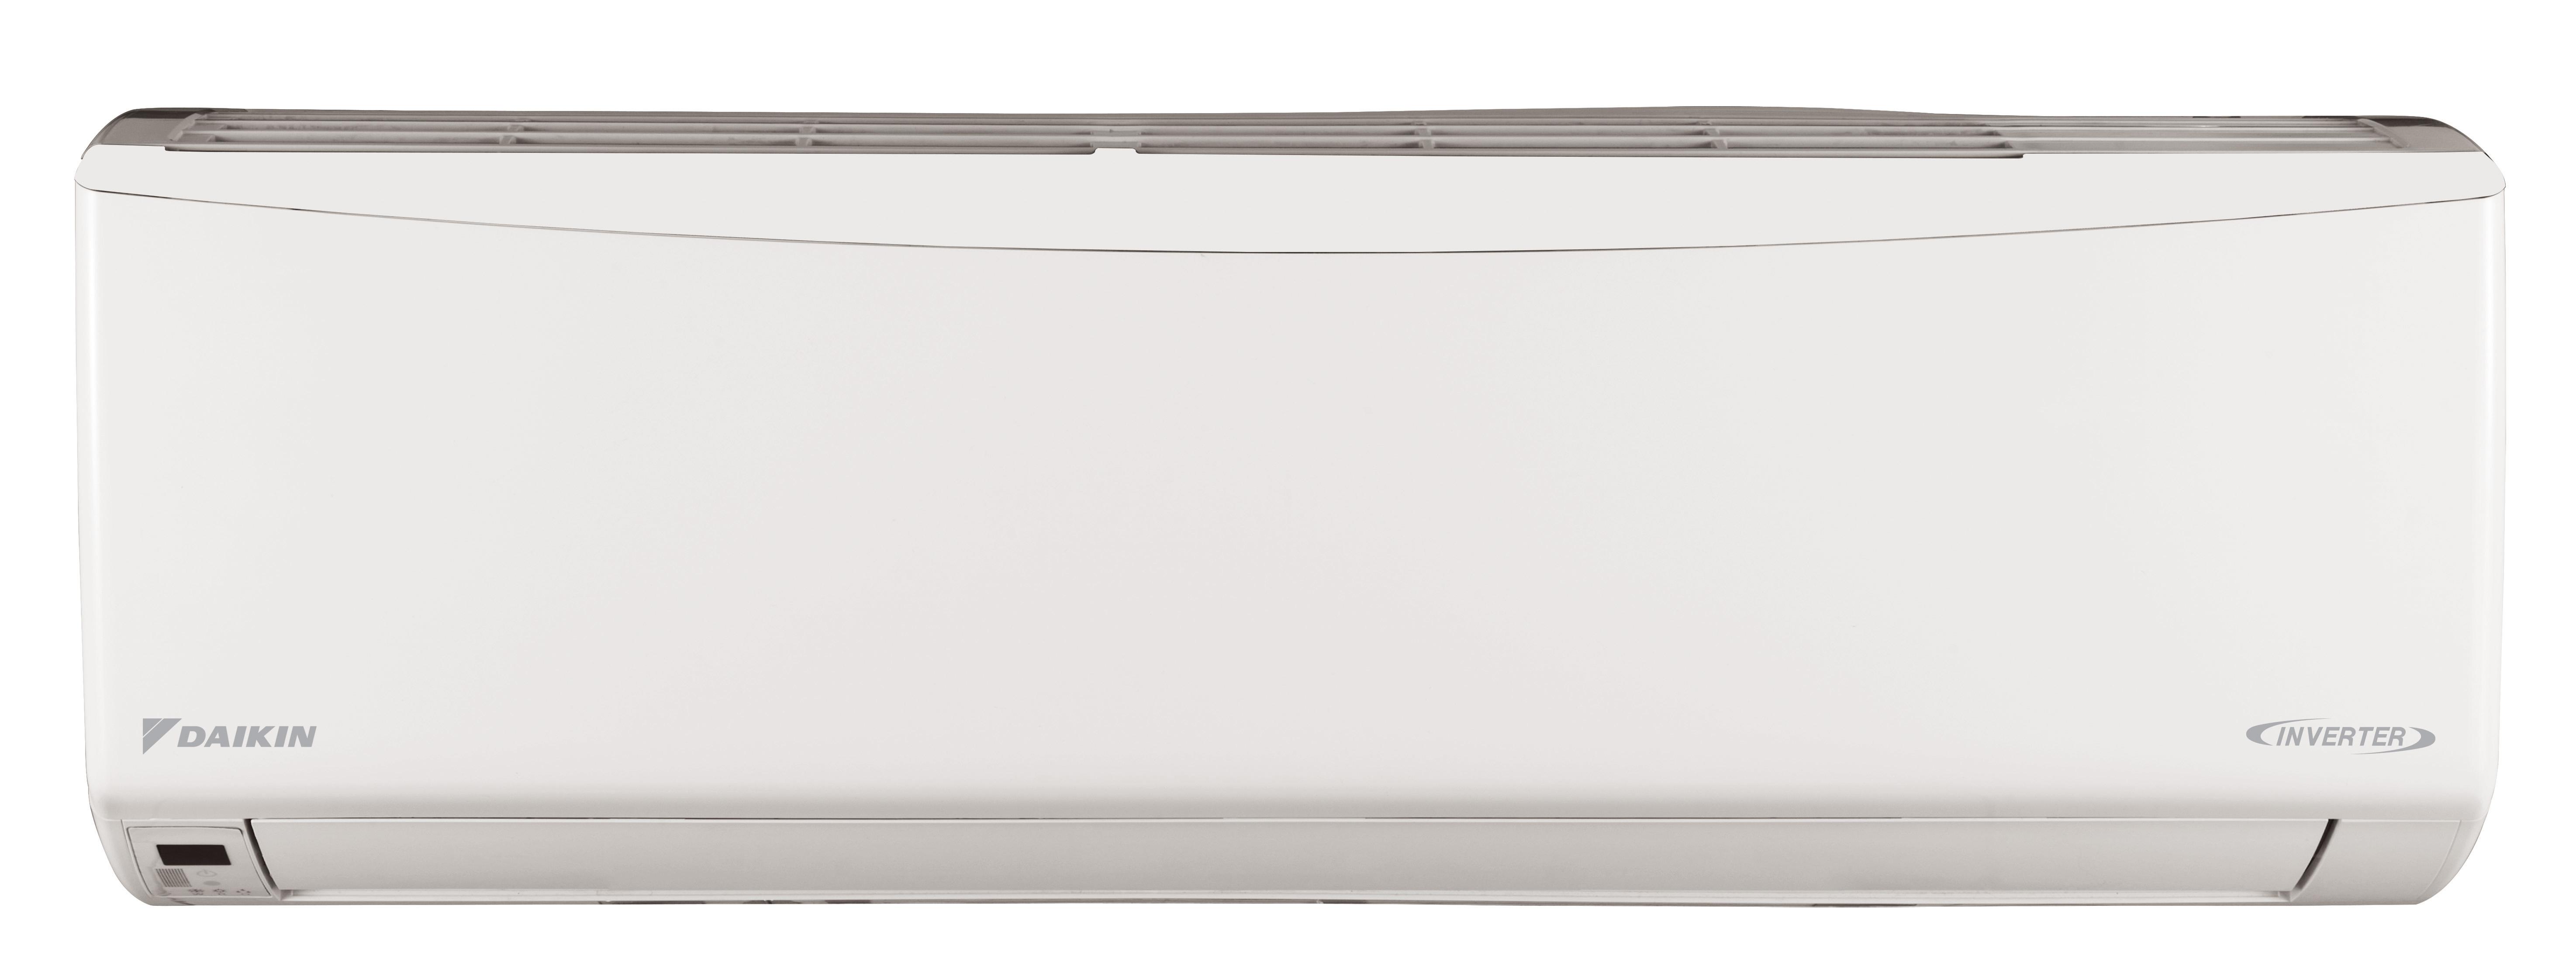 Serie PL11215